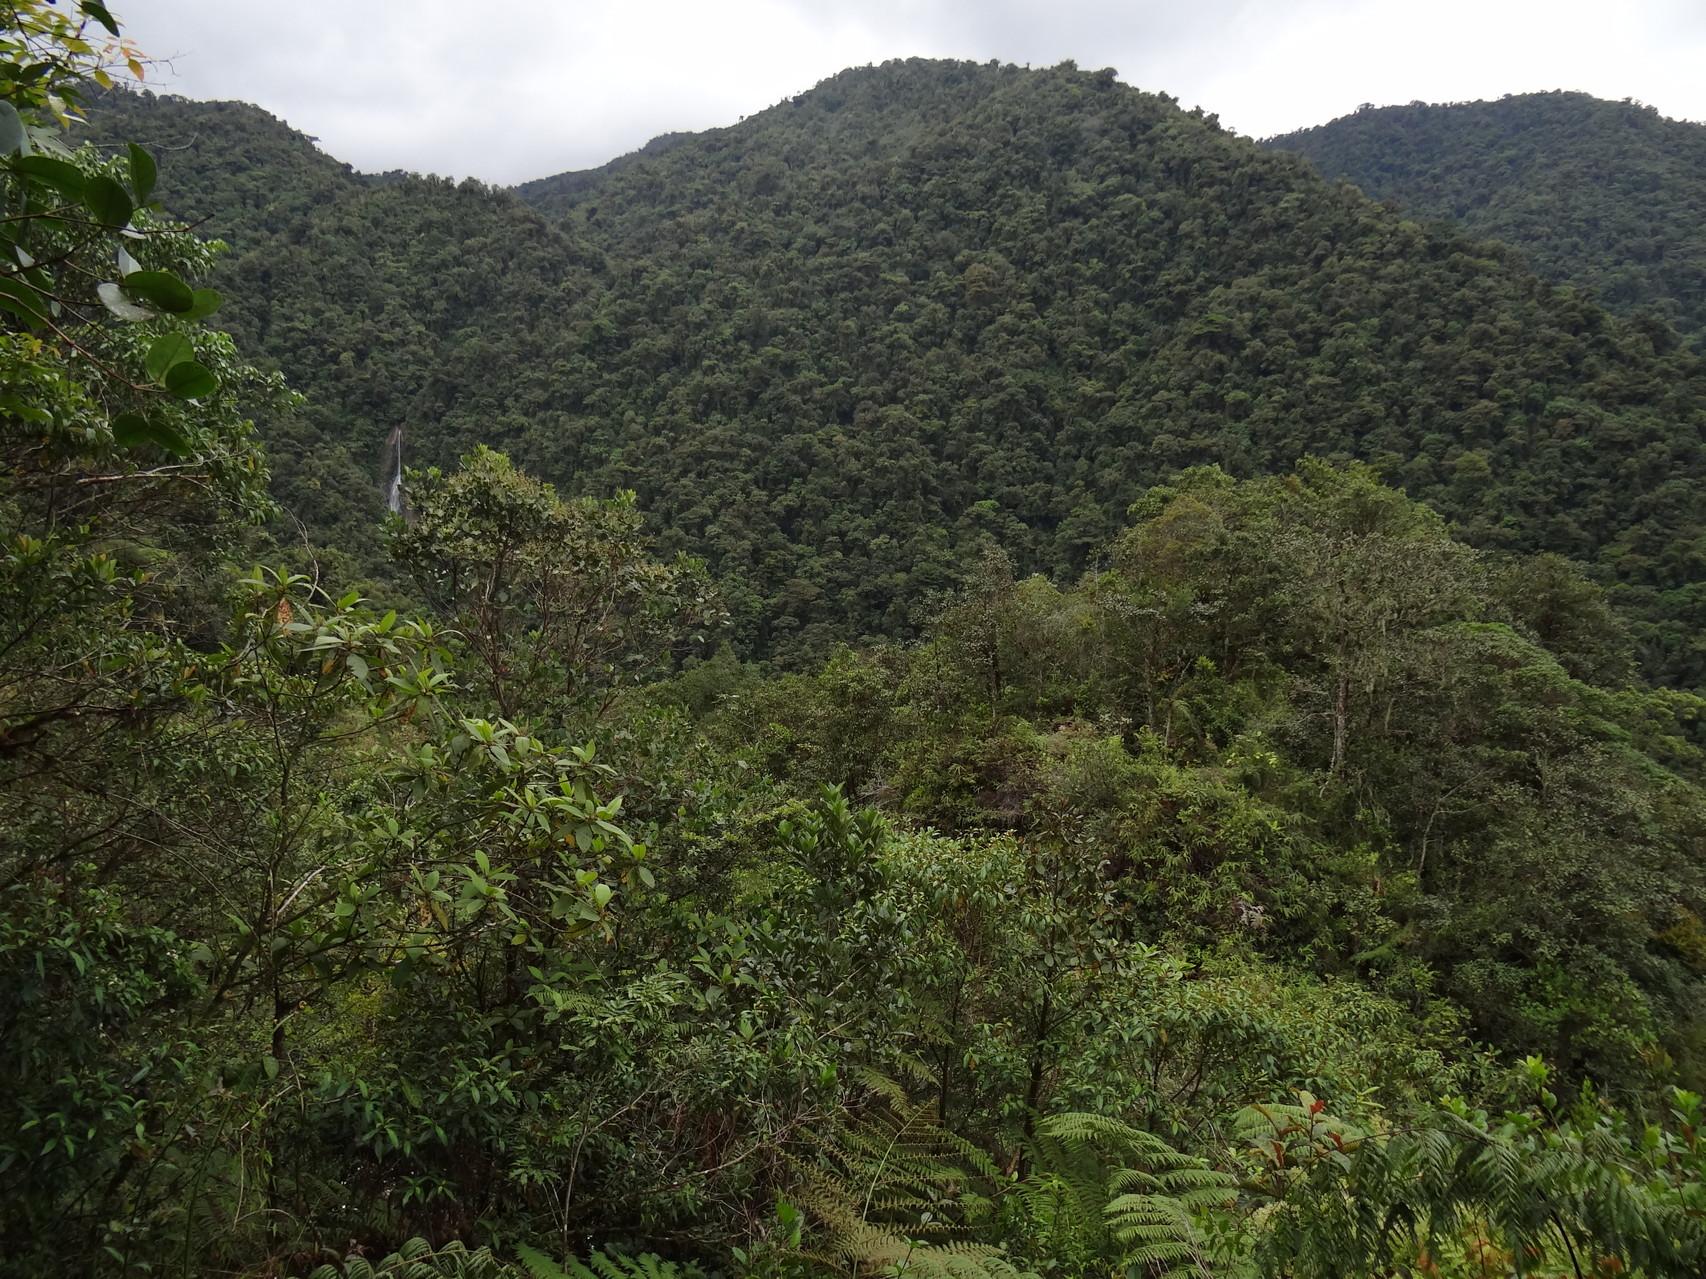 Blick auf einen Teil des Tapanti-Nationalparks – Regenwald soweit das Auge reicht